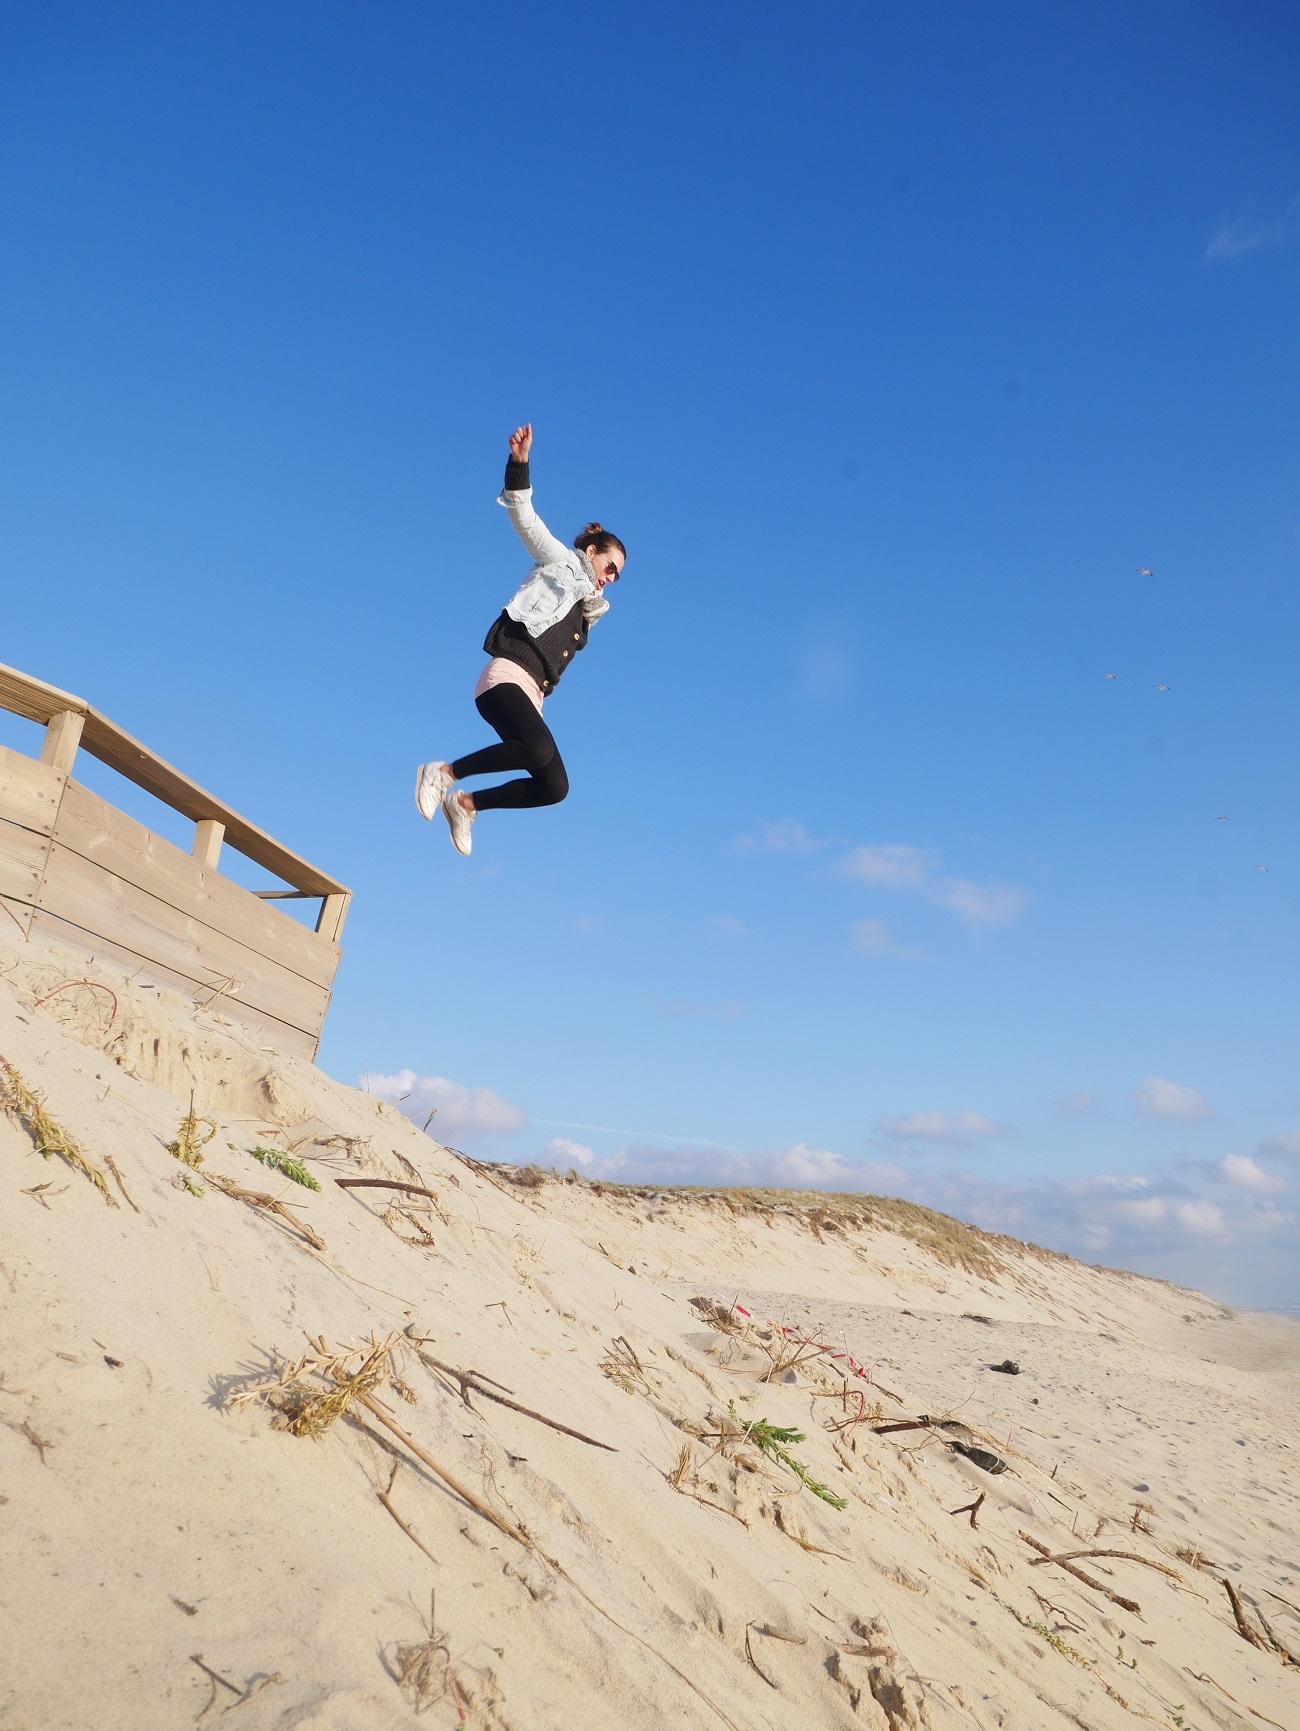 Eine Frau springt an einem Strand von einem Holzkonstrukt.